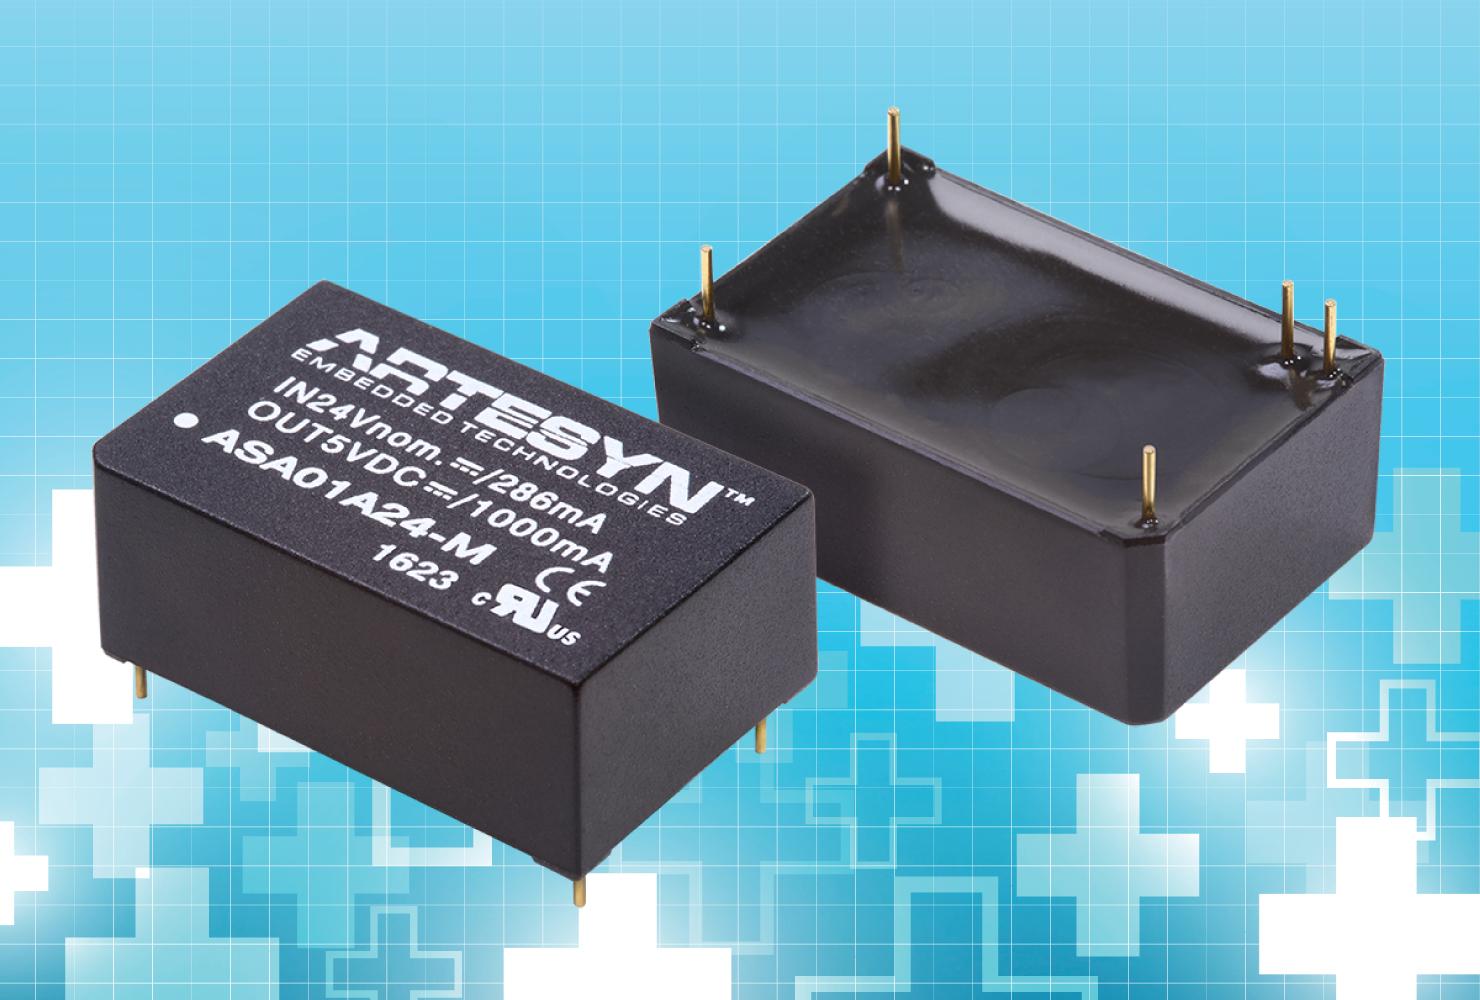 雅特生科技推出符合医疗设备安全规定的全新6W直流/直流电源转换器系列